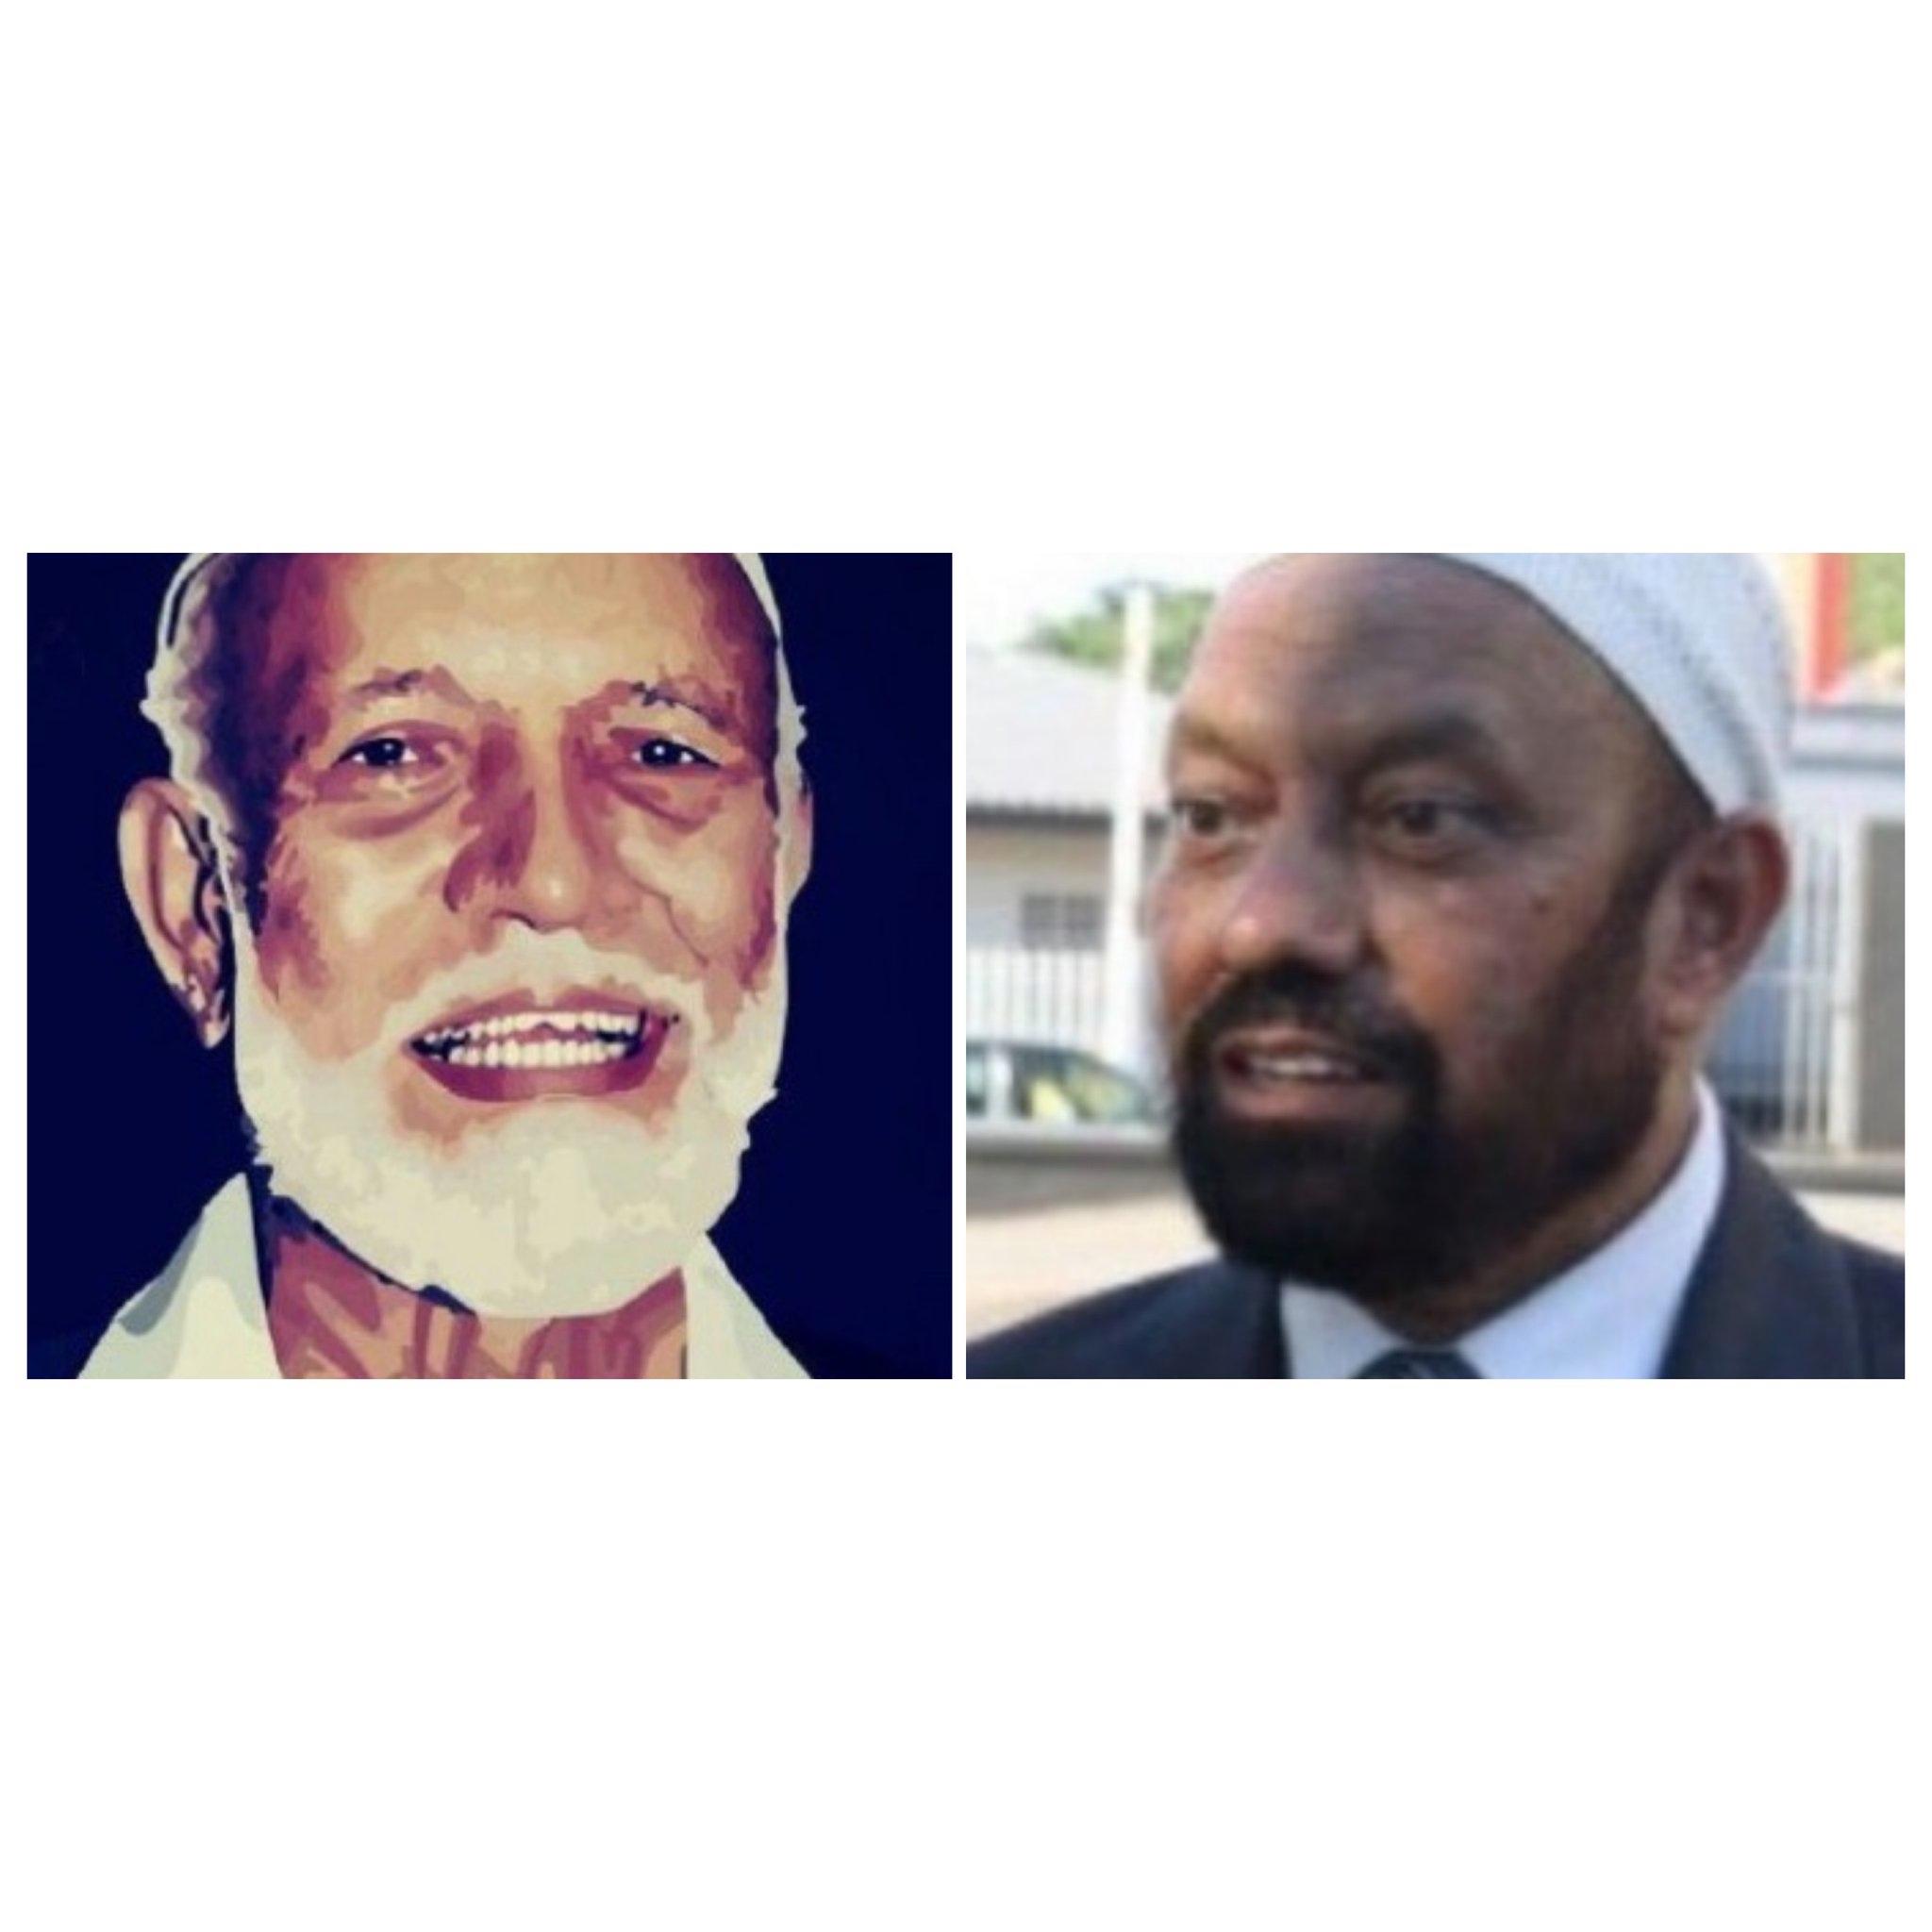 img 8147 - اغتيال إبن الداعية أحمد ديدات في جنوب أفريقيا